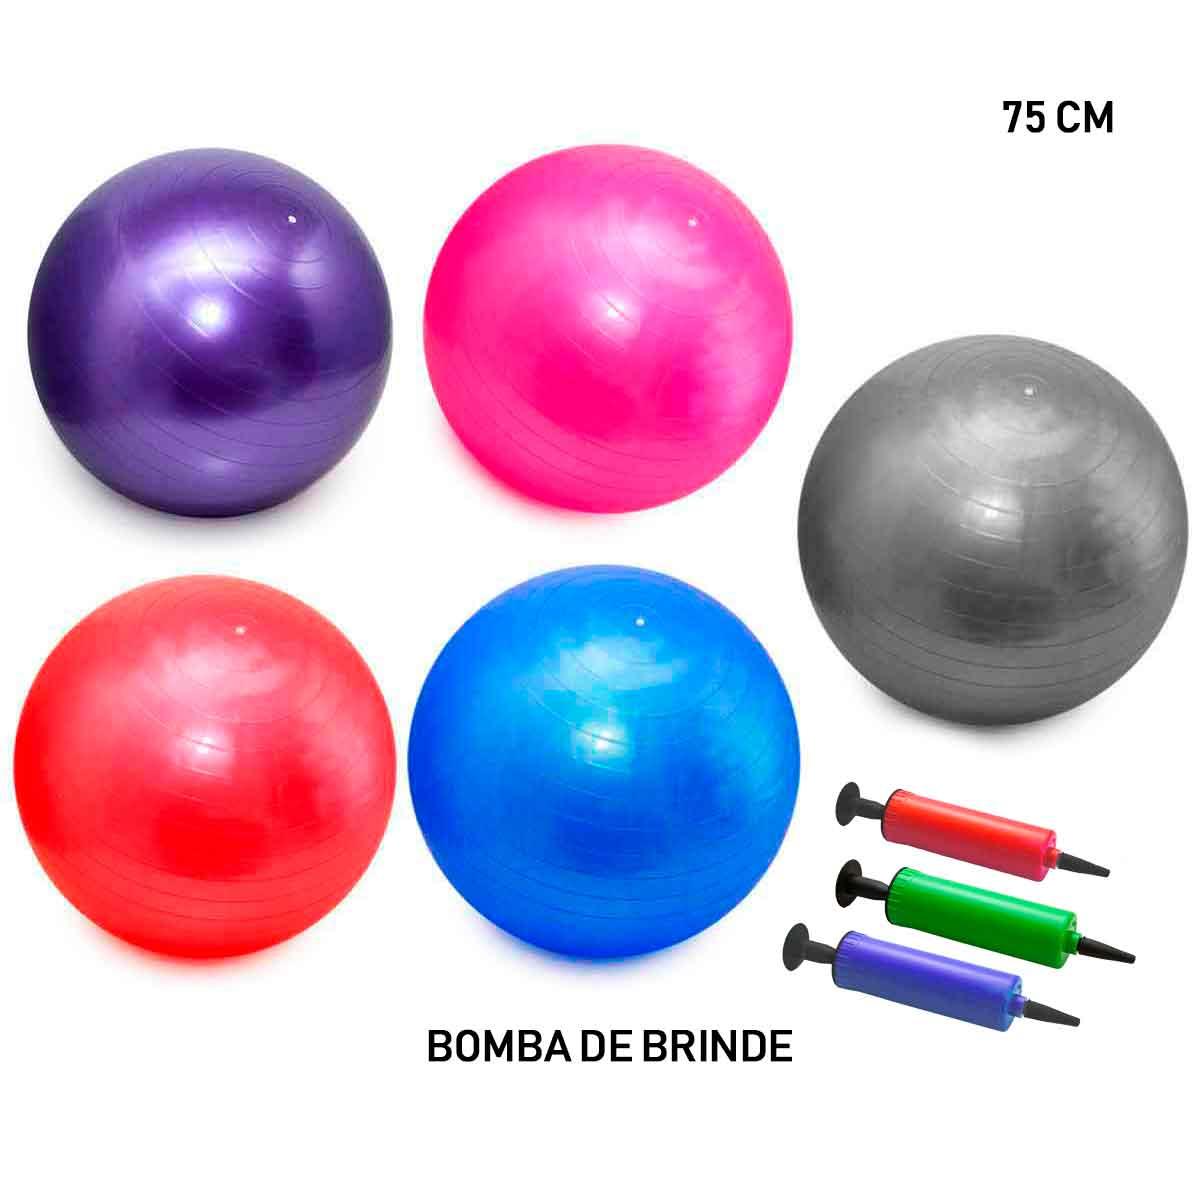 Bola Pilates Yoga Abdominal Ginástica Fitness 75cm Gym Ball